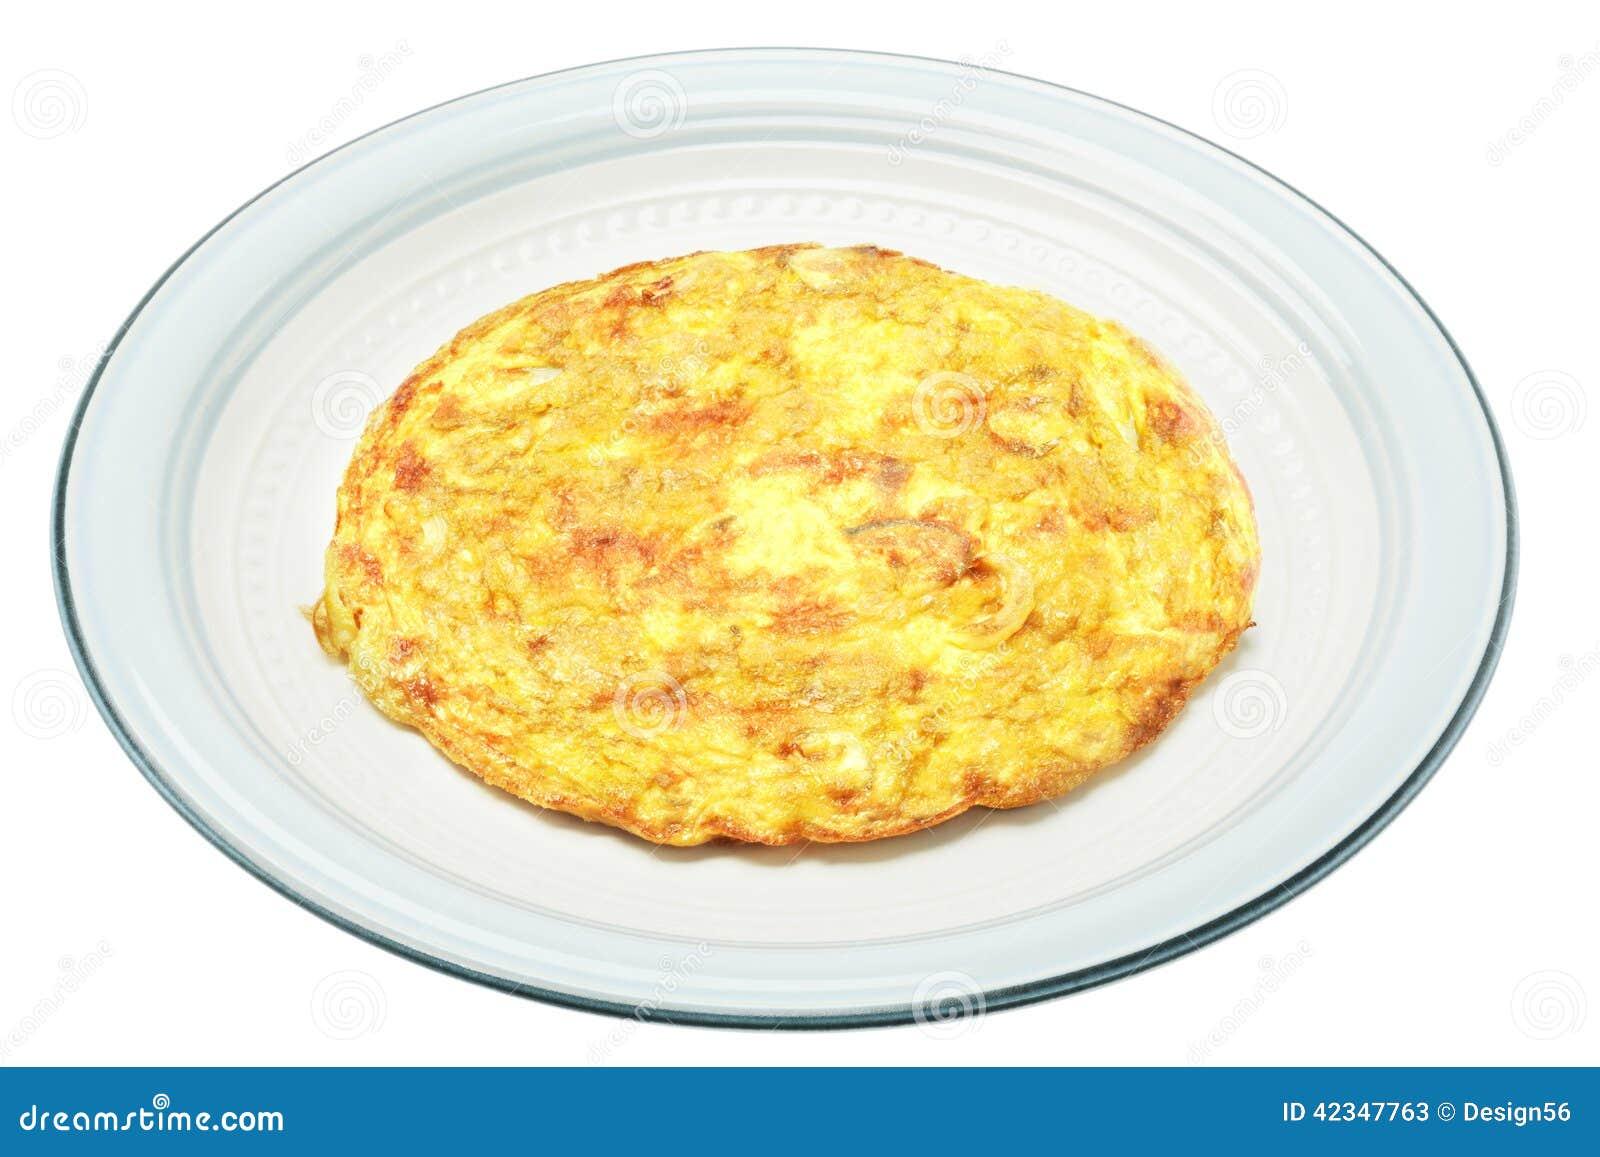 Egg Omelet Stock Photo Image 42347763